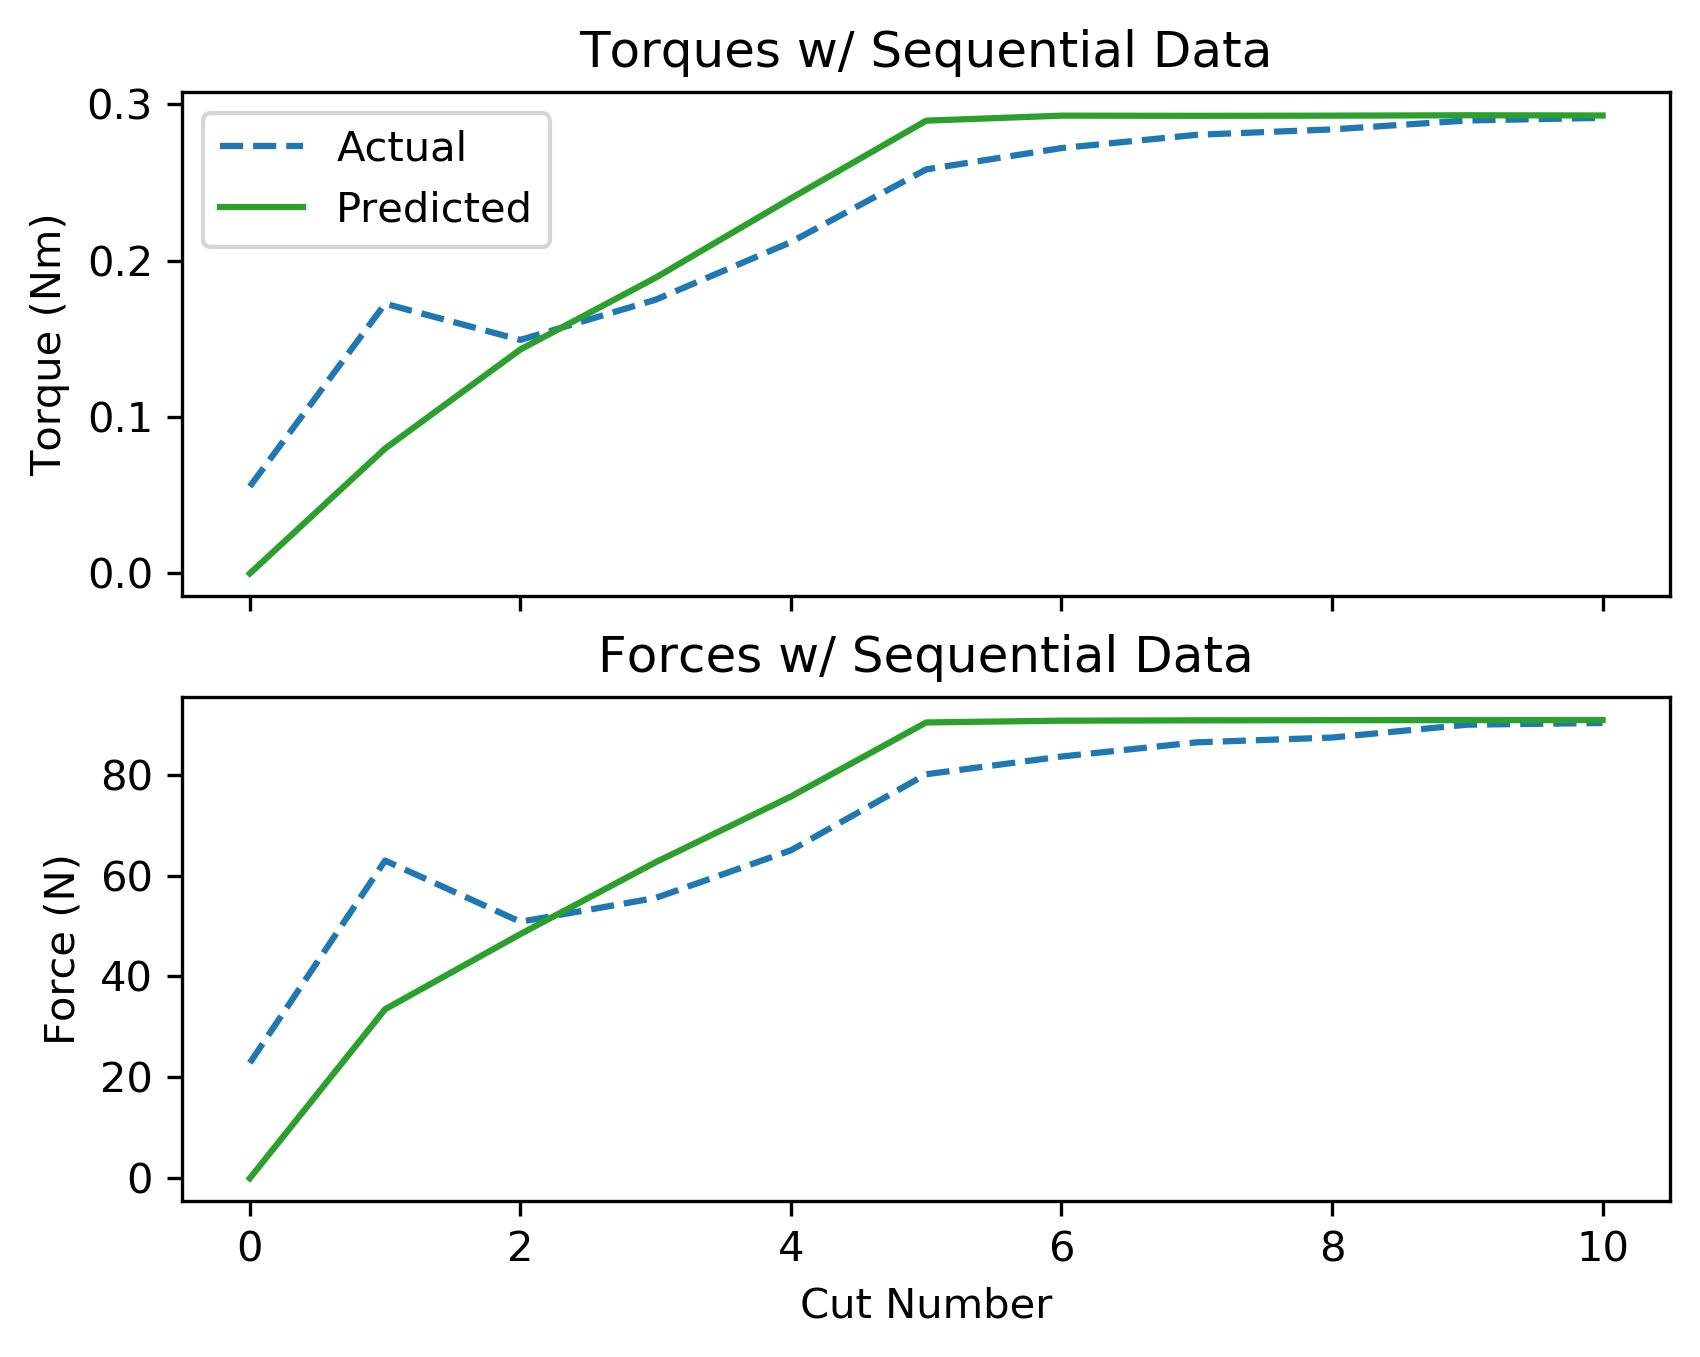 assets/ammp_graphs/ammp-4140-1_4_seq_data.png